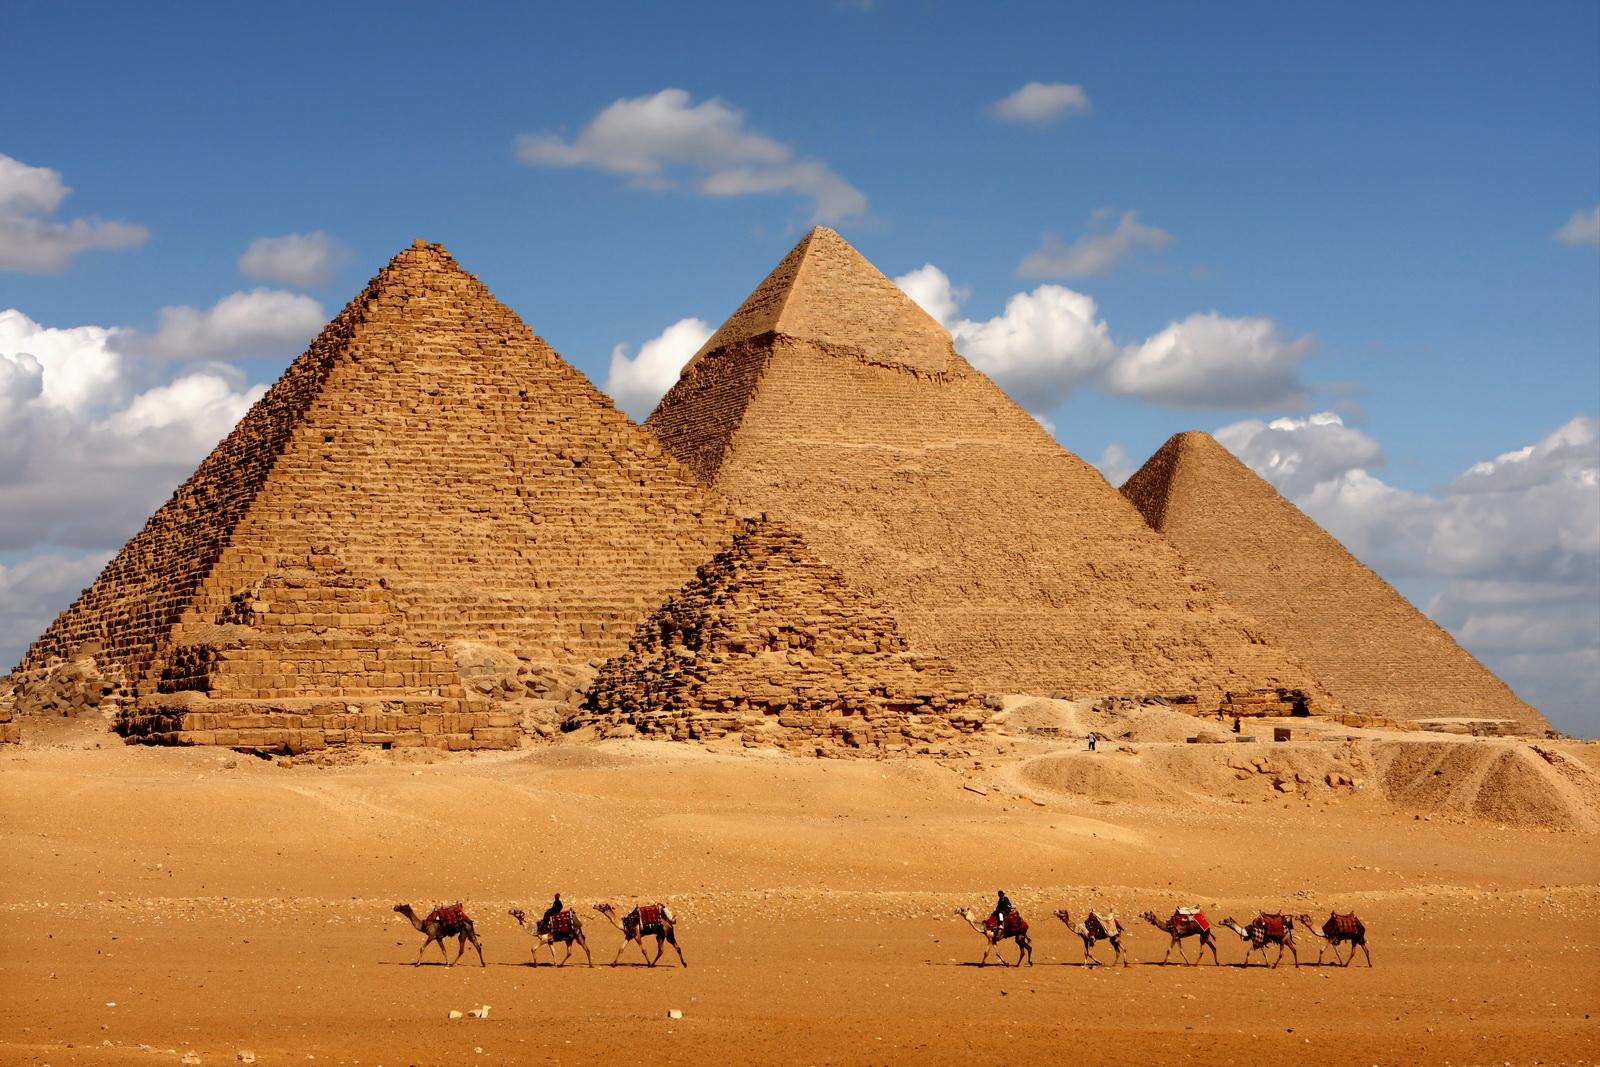 埃及金字塔里的神秘更是多彩多姿值得我们更进一步的